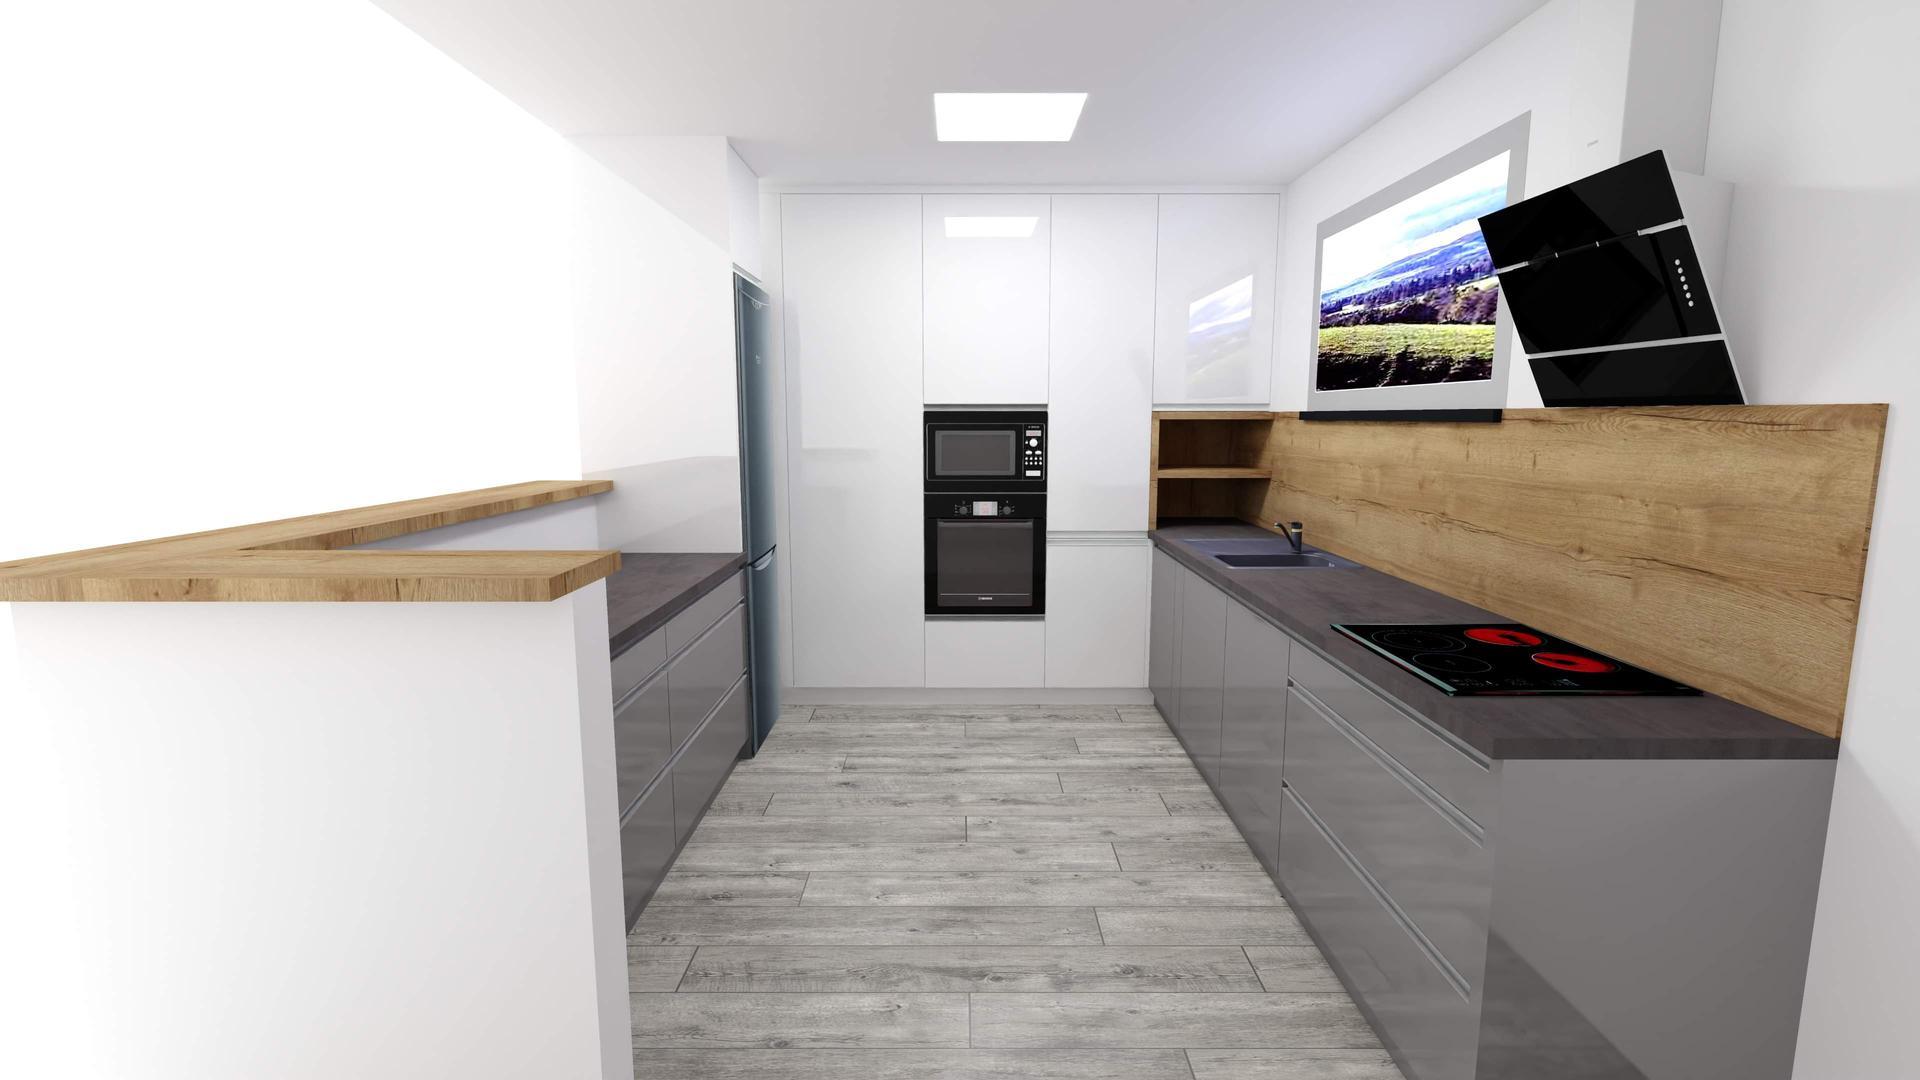 Vizualizácie kuchyne a kúpeľne - Návrh č.1. Ktorý sa vám páči viac?